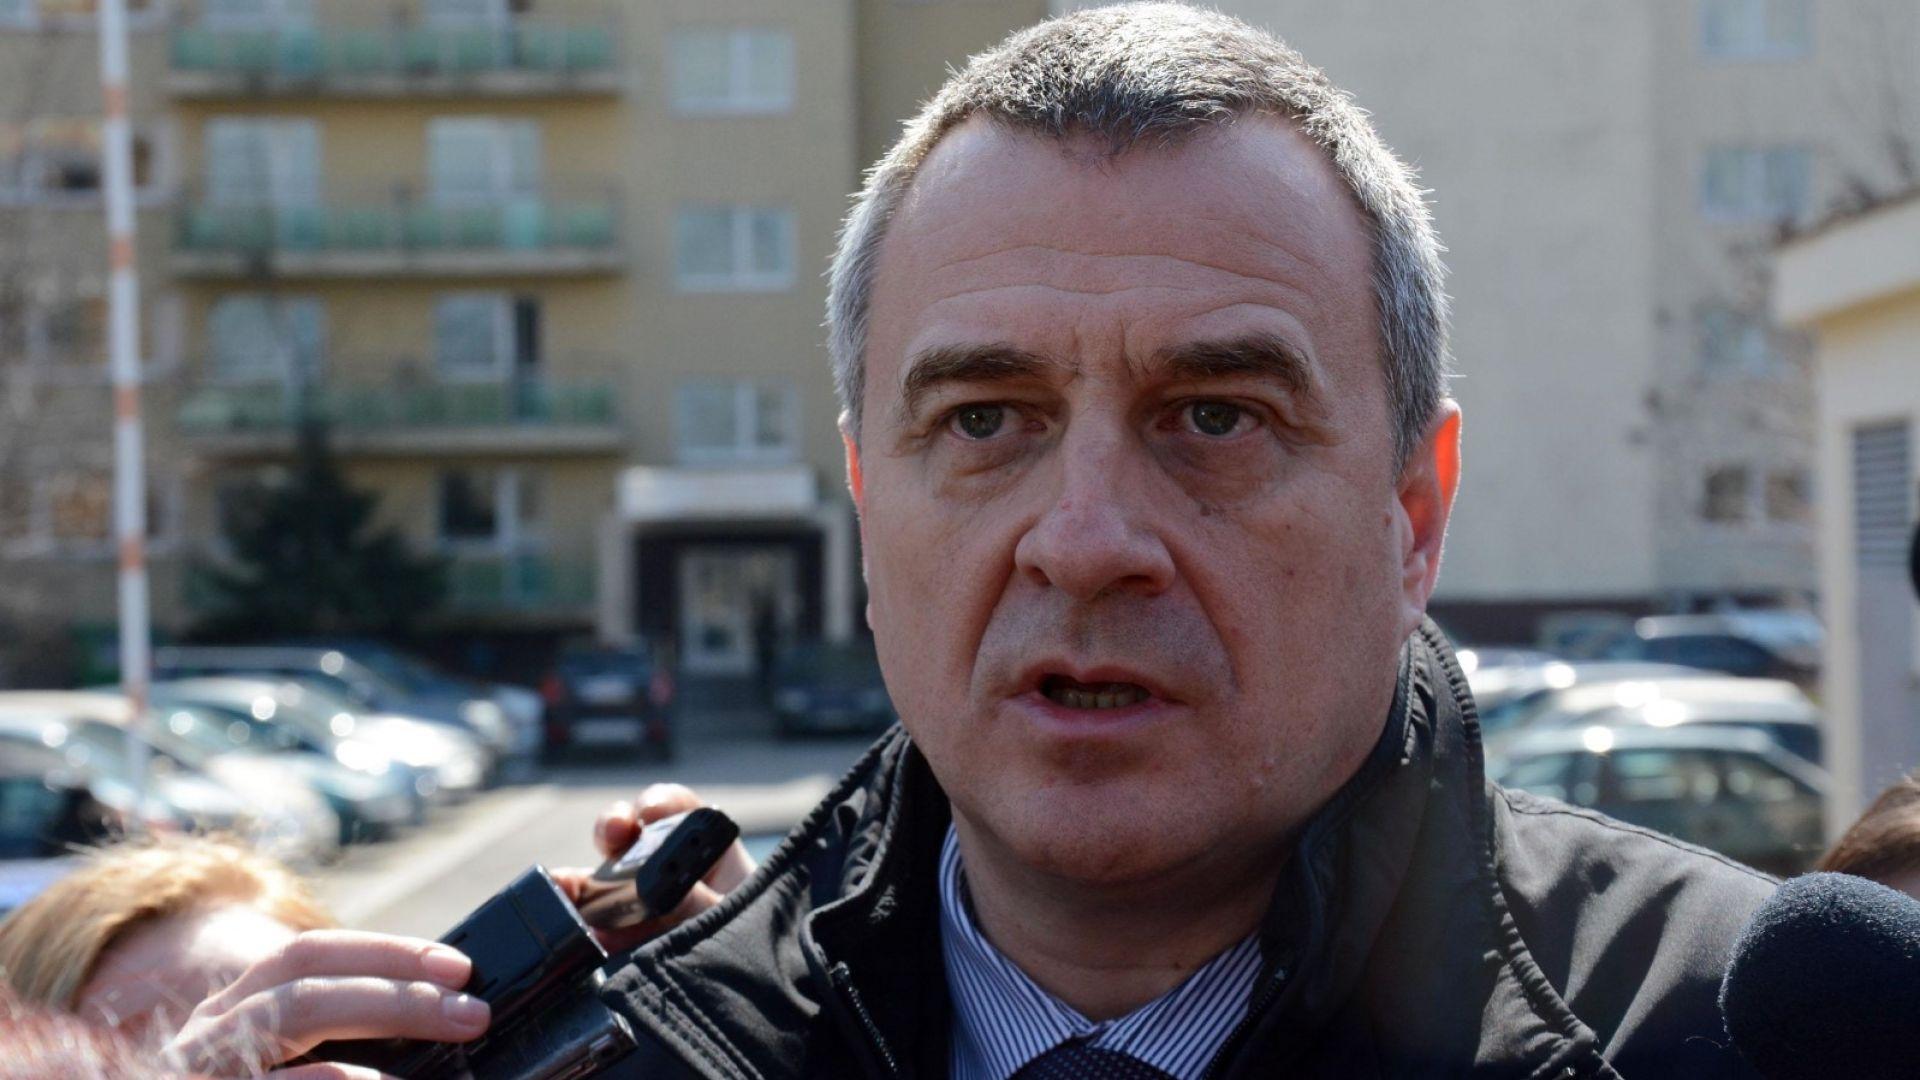 Цветлин Йовчев: Напрежението между институциите е стигнало критична точка, това е лошо за страната